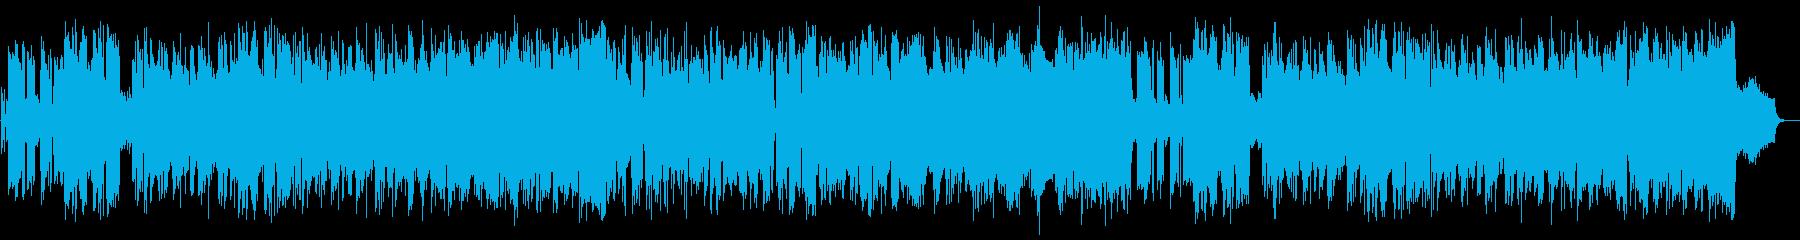 夏をイメージしたフュージョンの再生済みの波形